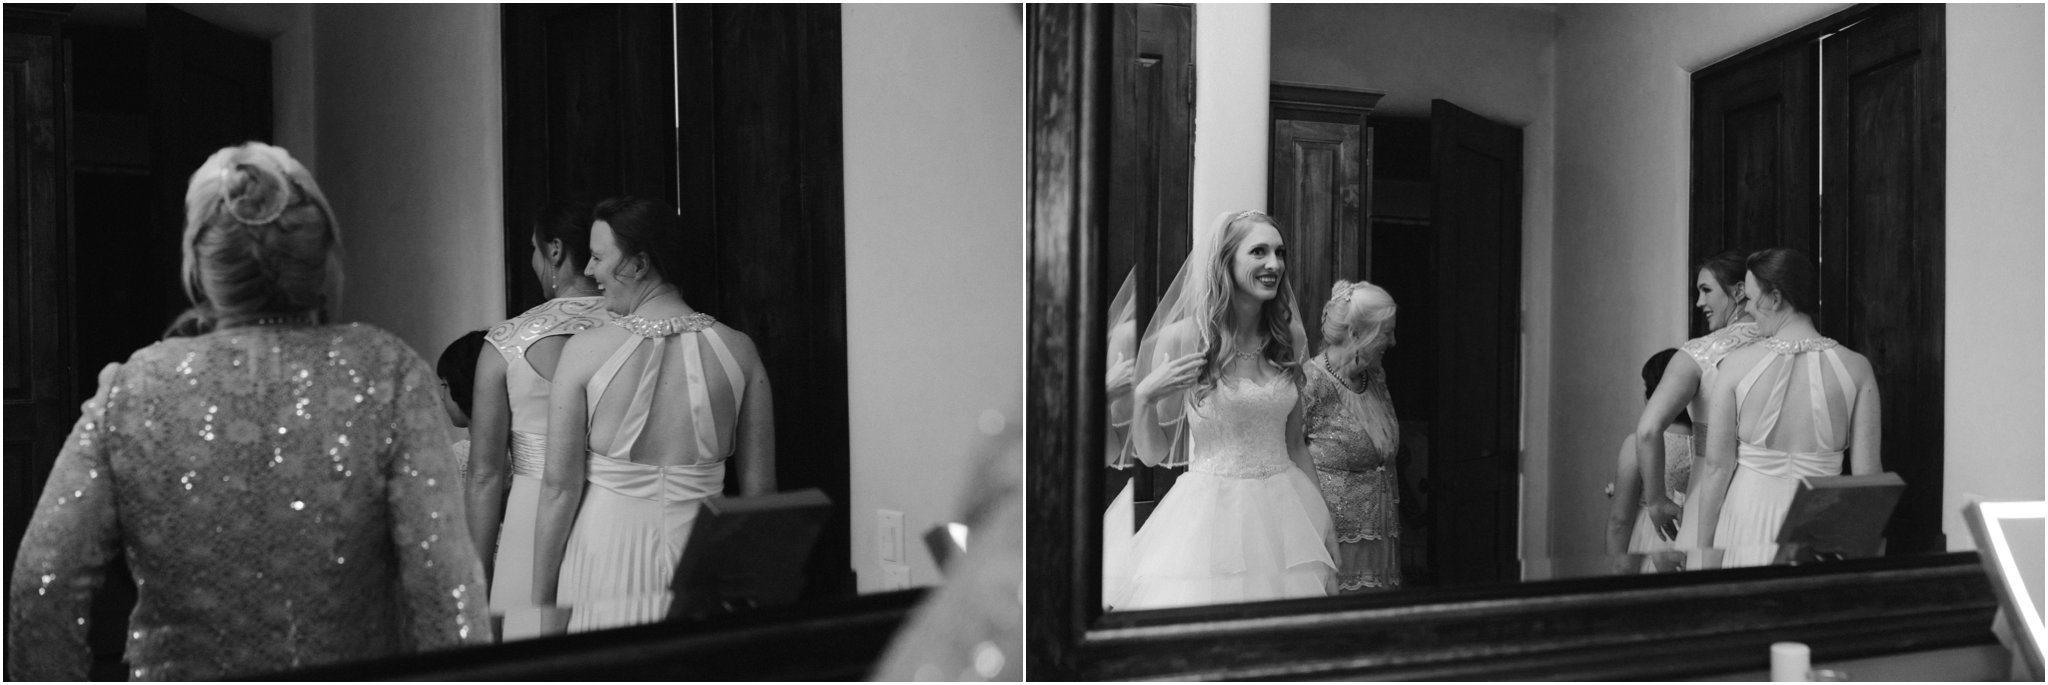 0263Albuquerque Wedding Photographer _ Santa Fe Wedding Photographer _ Wedding Photographers _ New Mexico Wedding Photography